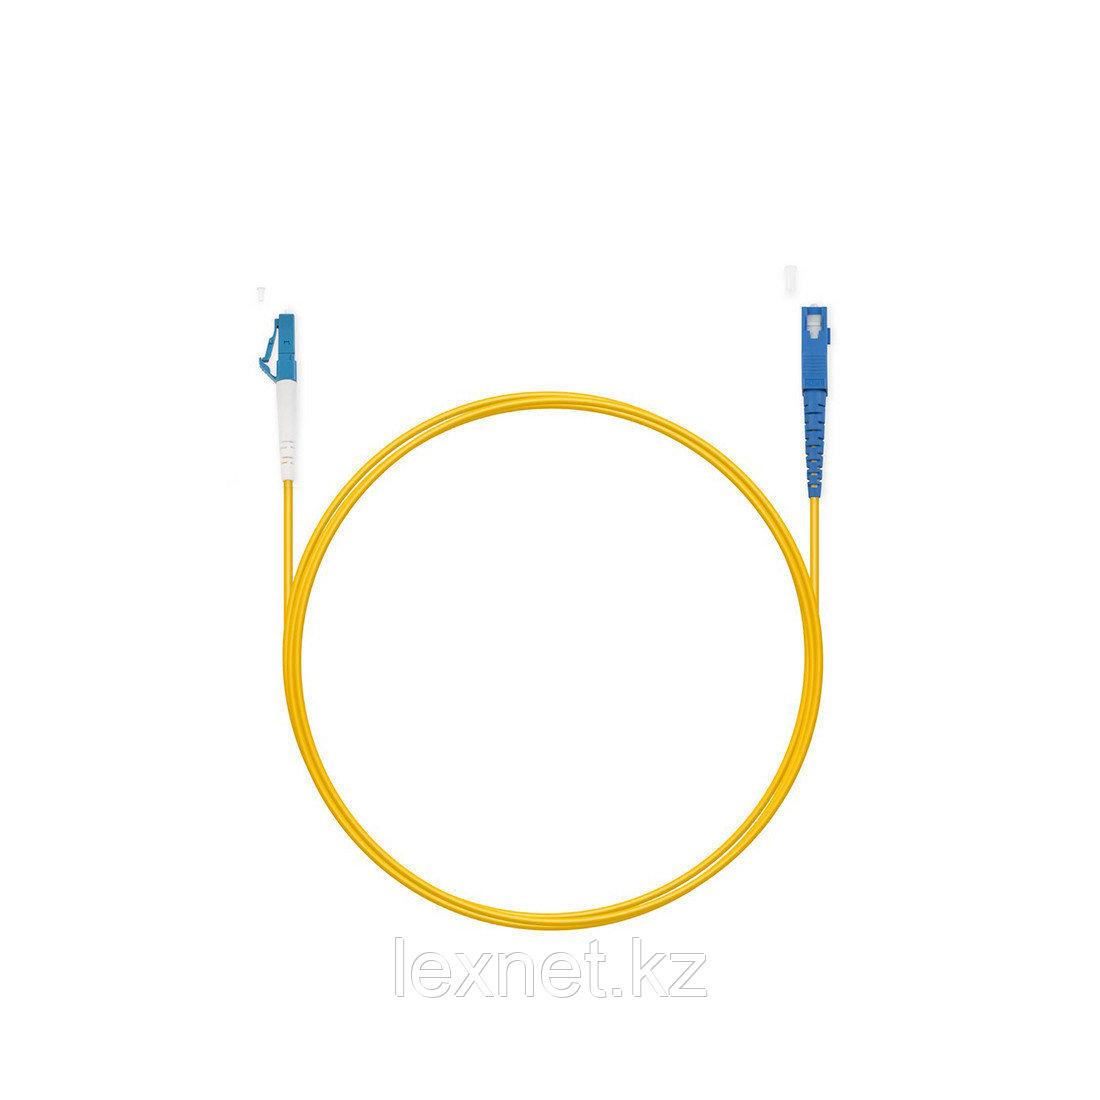 Патч Корд Оптоволоконный SС/UPC-FC/UPC SM 9/125 Simplex 3.0мм 1 м